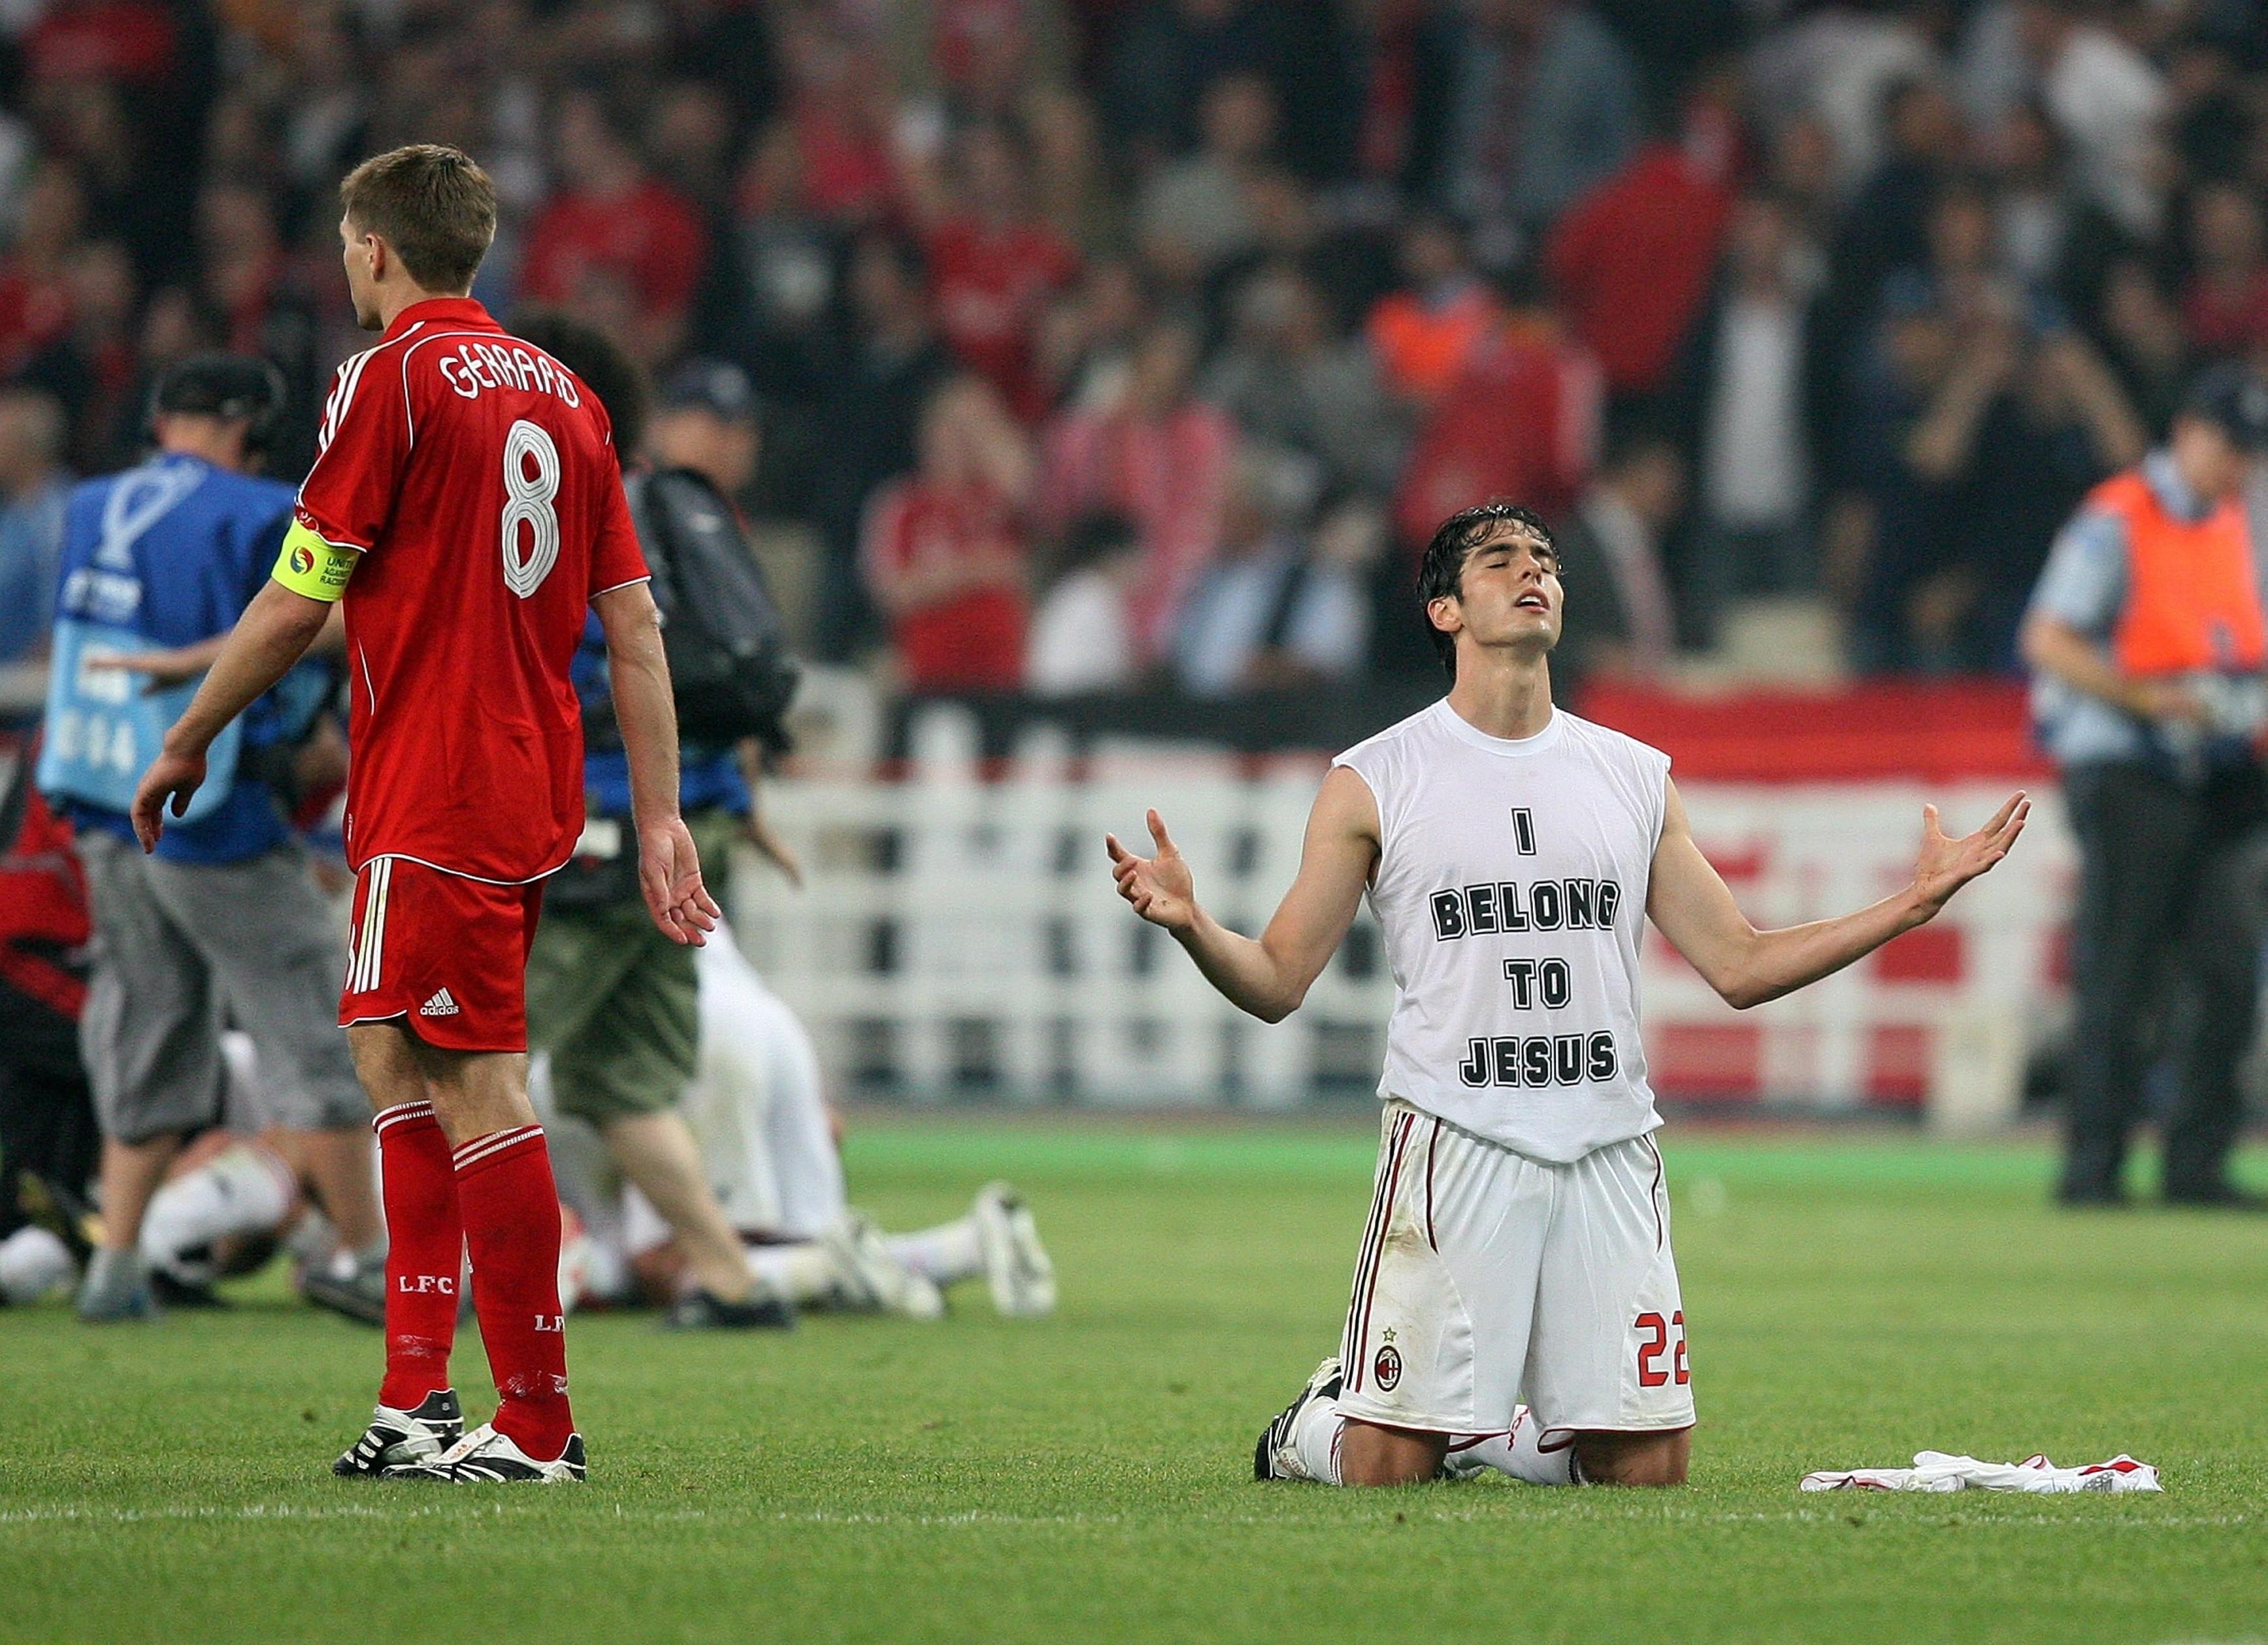 """Kaká et son T-shirt """"I Belong to Jesus"""" après le sacre de l'AC Milan lors de la Ligue des champions 2007"""